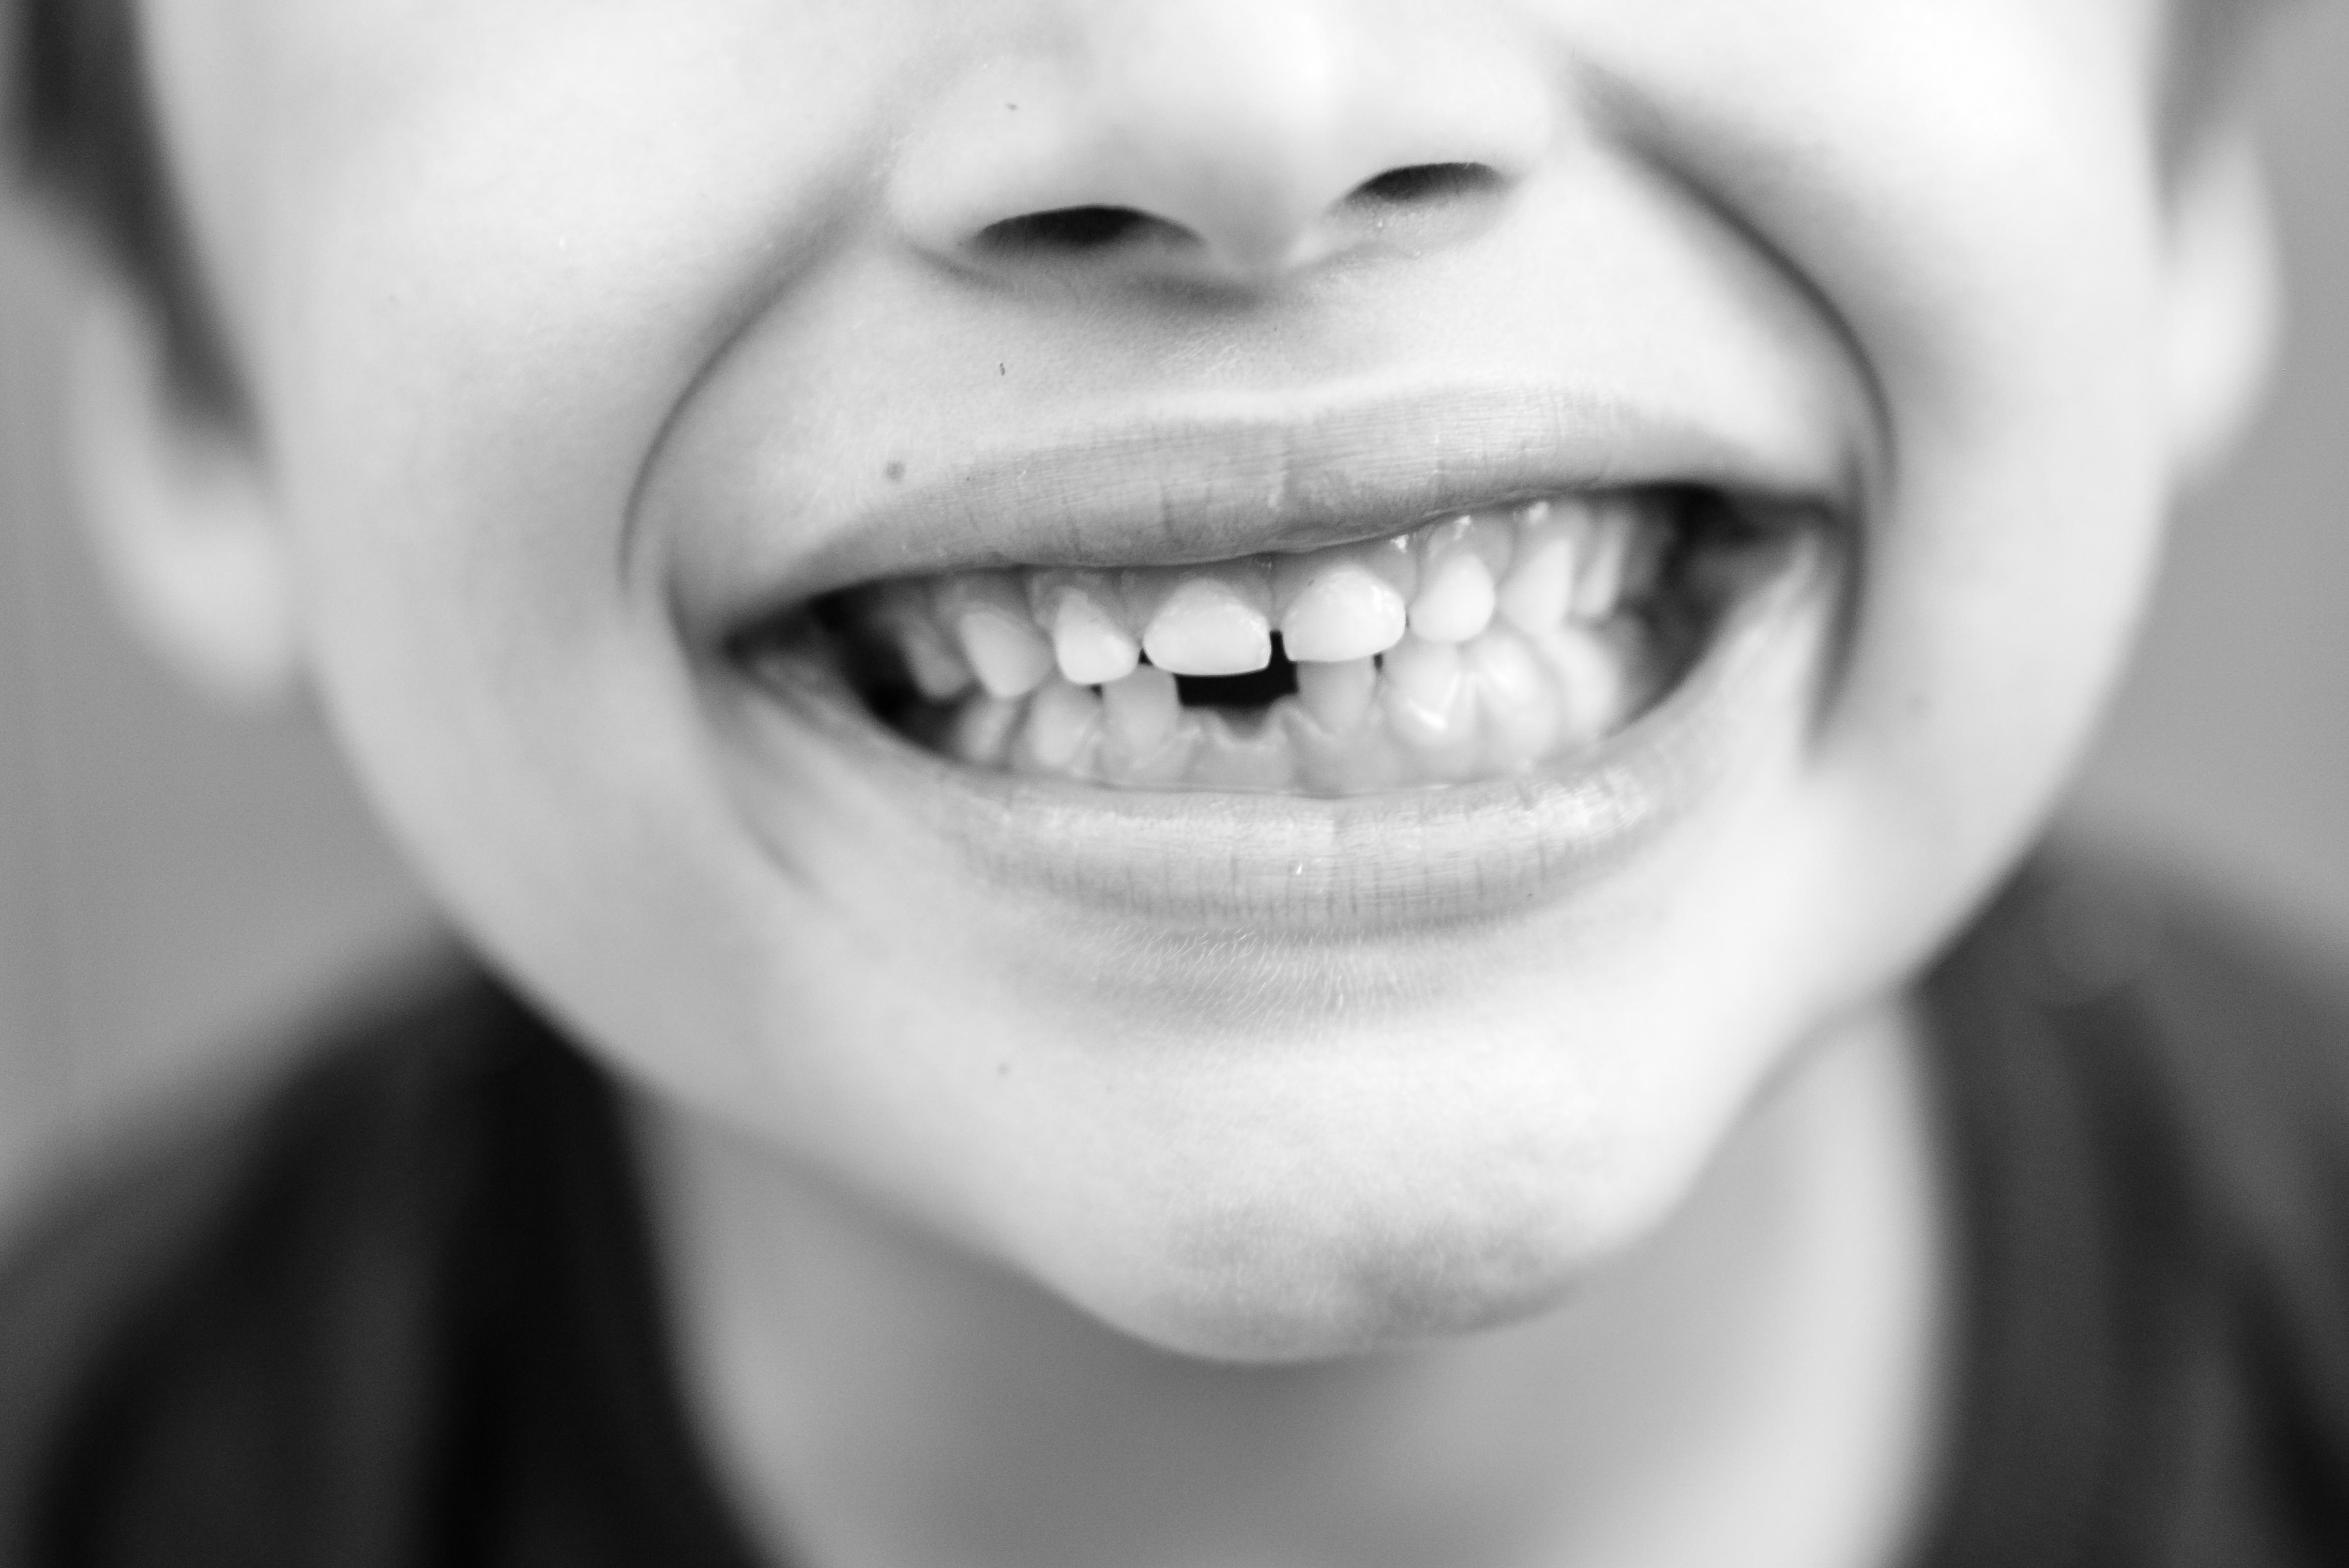 losing teeth dental treatment